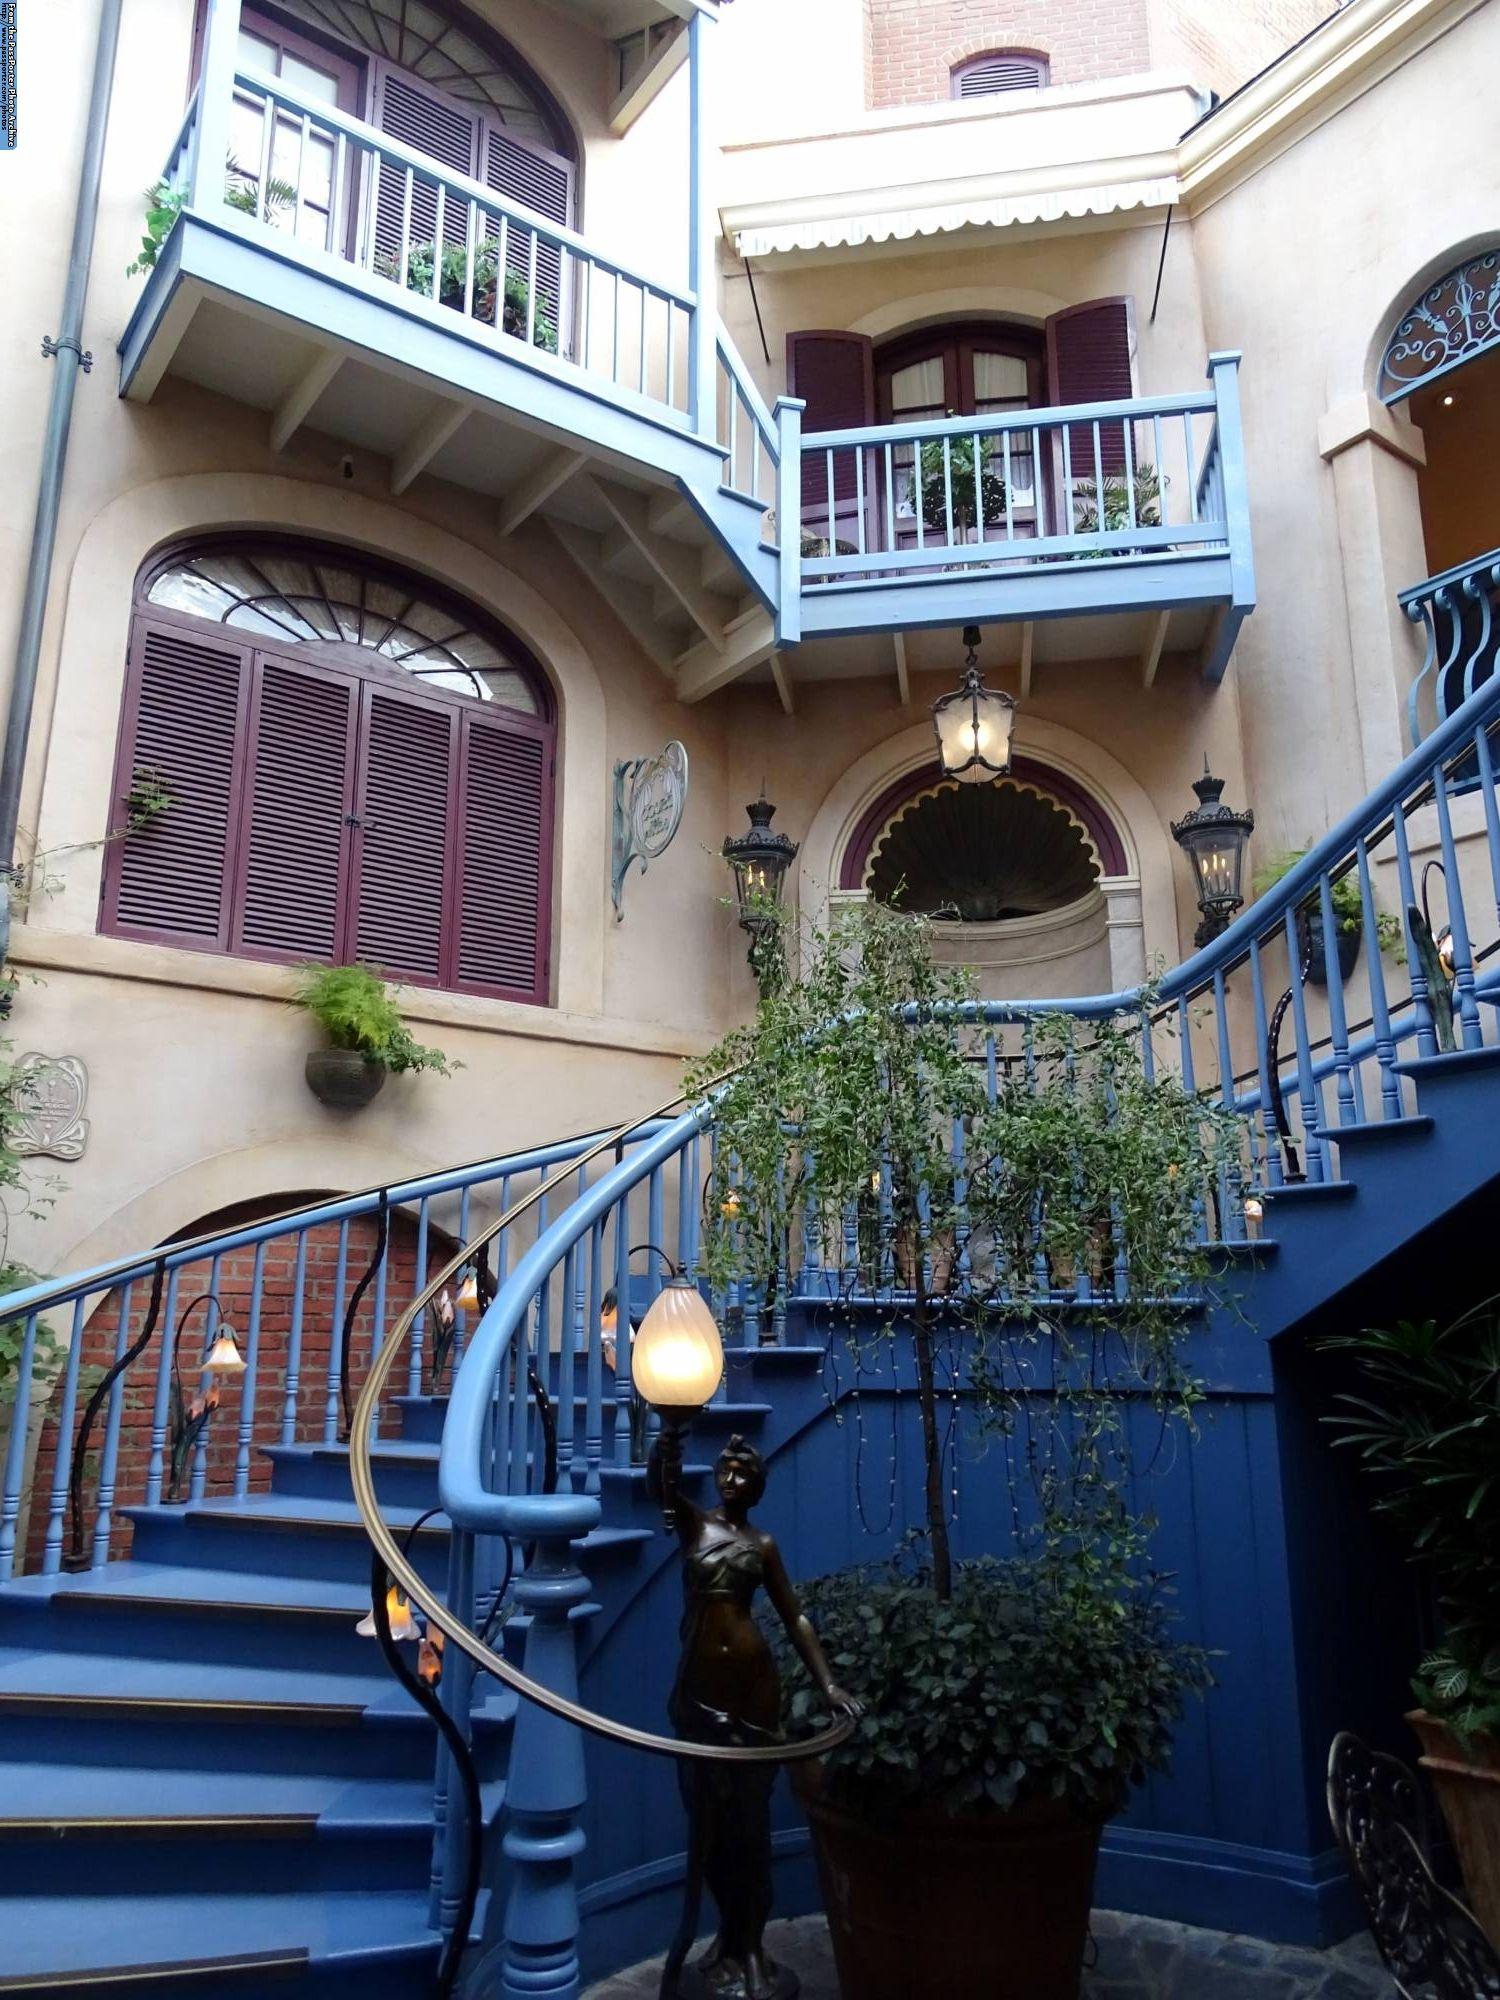 Explore the secret Club inside Disneyland |PassPorter.com